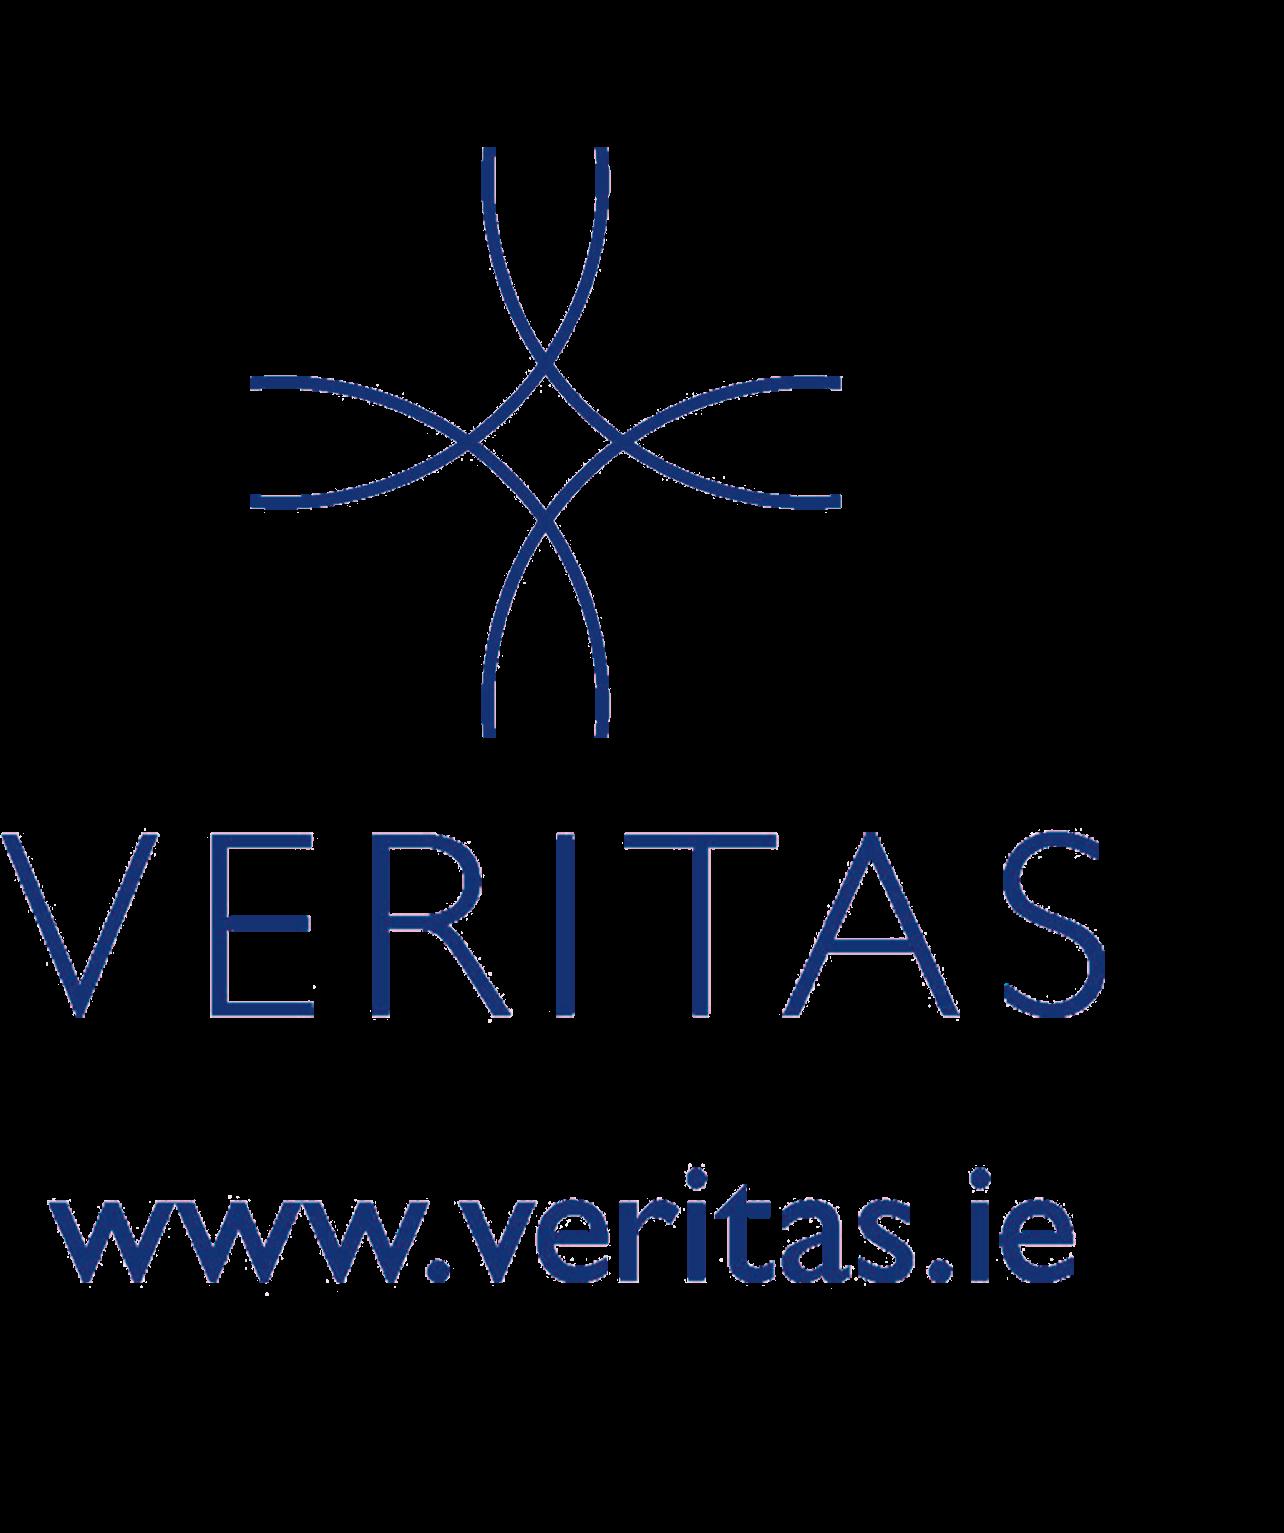 Veritas Books